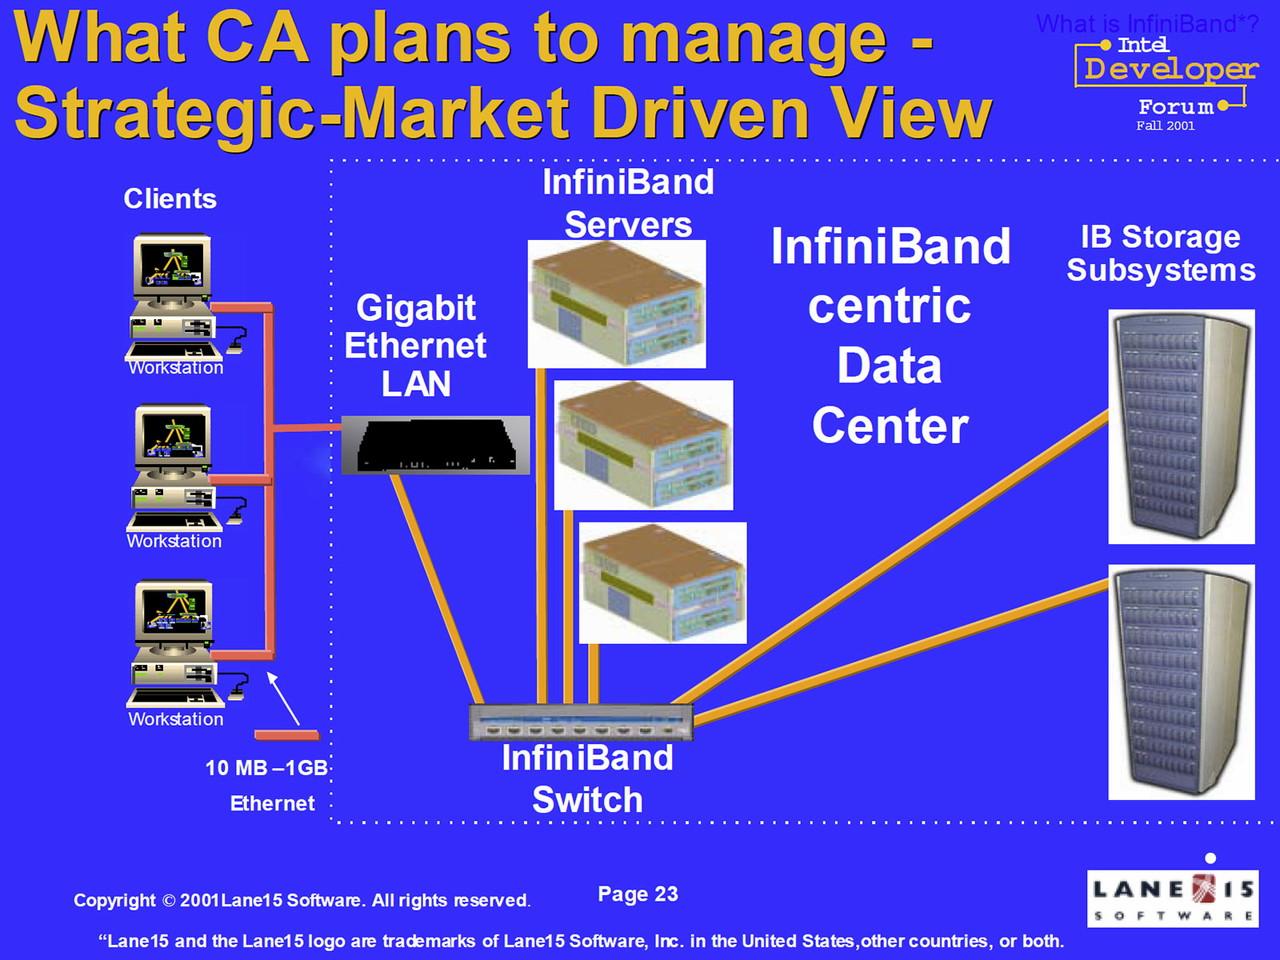 """当時のファイバチャネルは2GFC(2.125Gbps、スループットは400MB/sec)のものが出たばかりでInfiniBandでの置き換えがは難しくなかった。ここまでのスライドの出典はIDF 2001 FallにおけるCA(Computer Assosiates International)のMelvin Estrada氏による""""Manageability of Infiniband""""というセッション資料"""